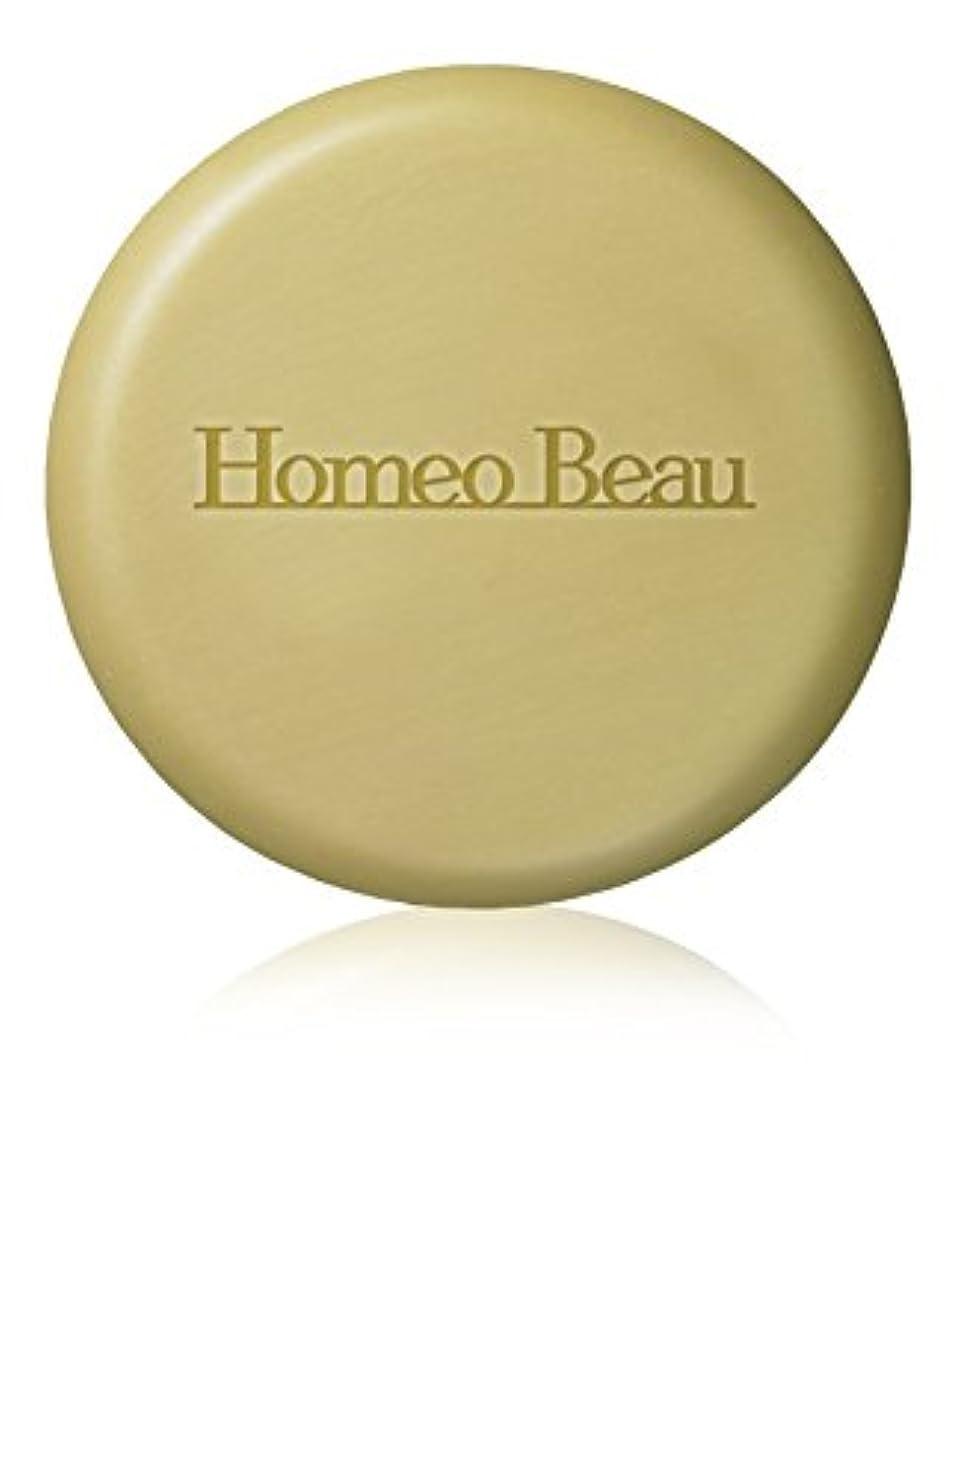 ロデオアミューズメントライフルホメオバウ(Homeo Beau) エッセンシャルソープ 100g